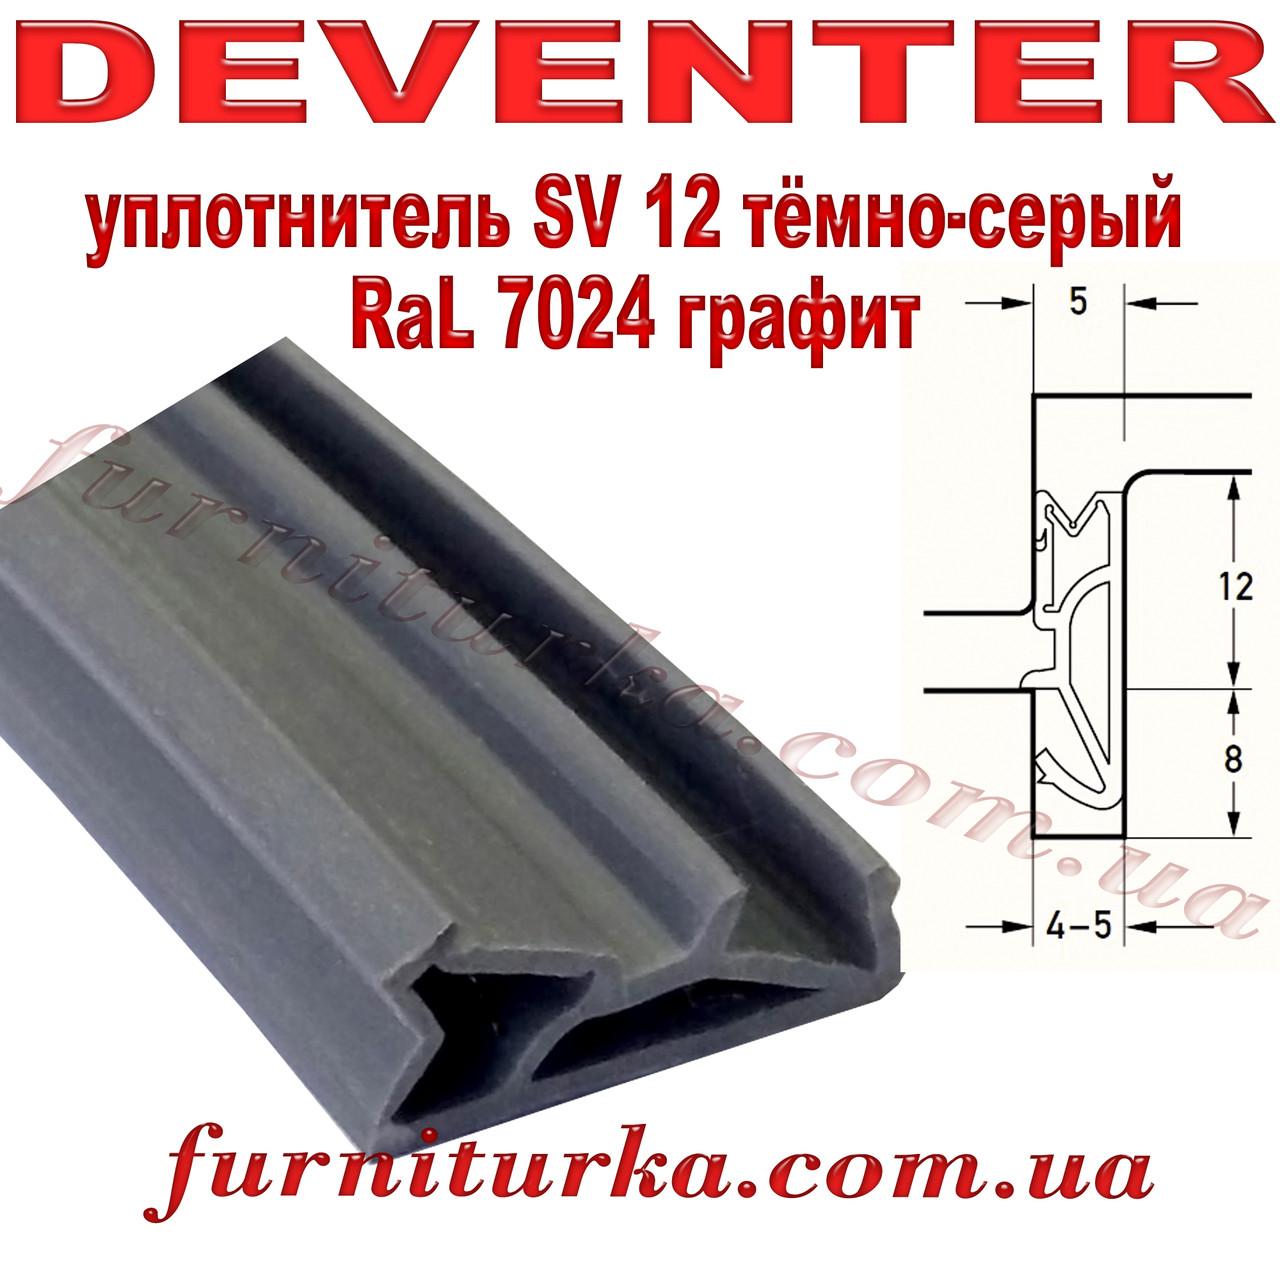 Уплотнитель оконный Deventer SV 12 тёмно-серый RaL7024